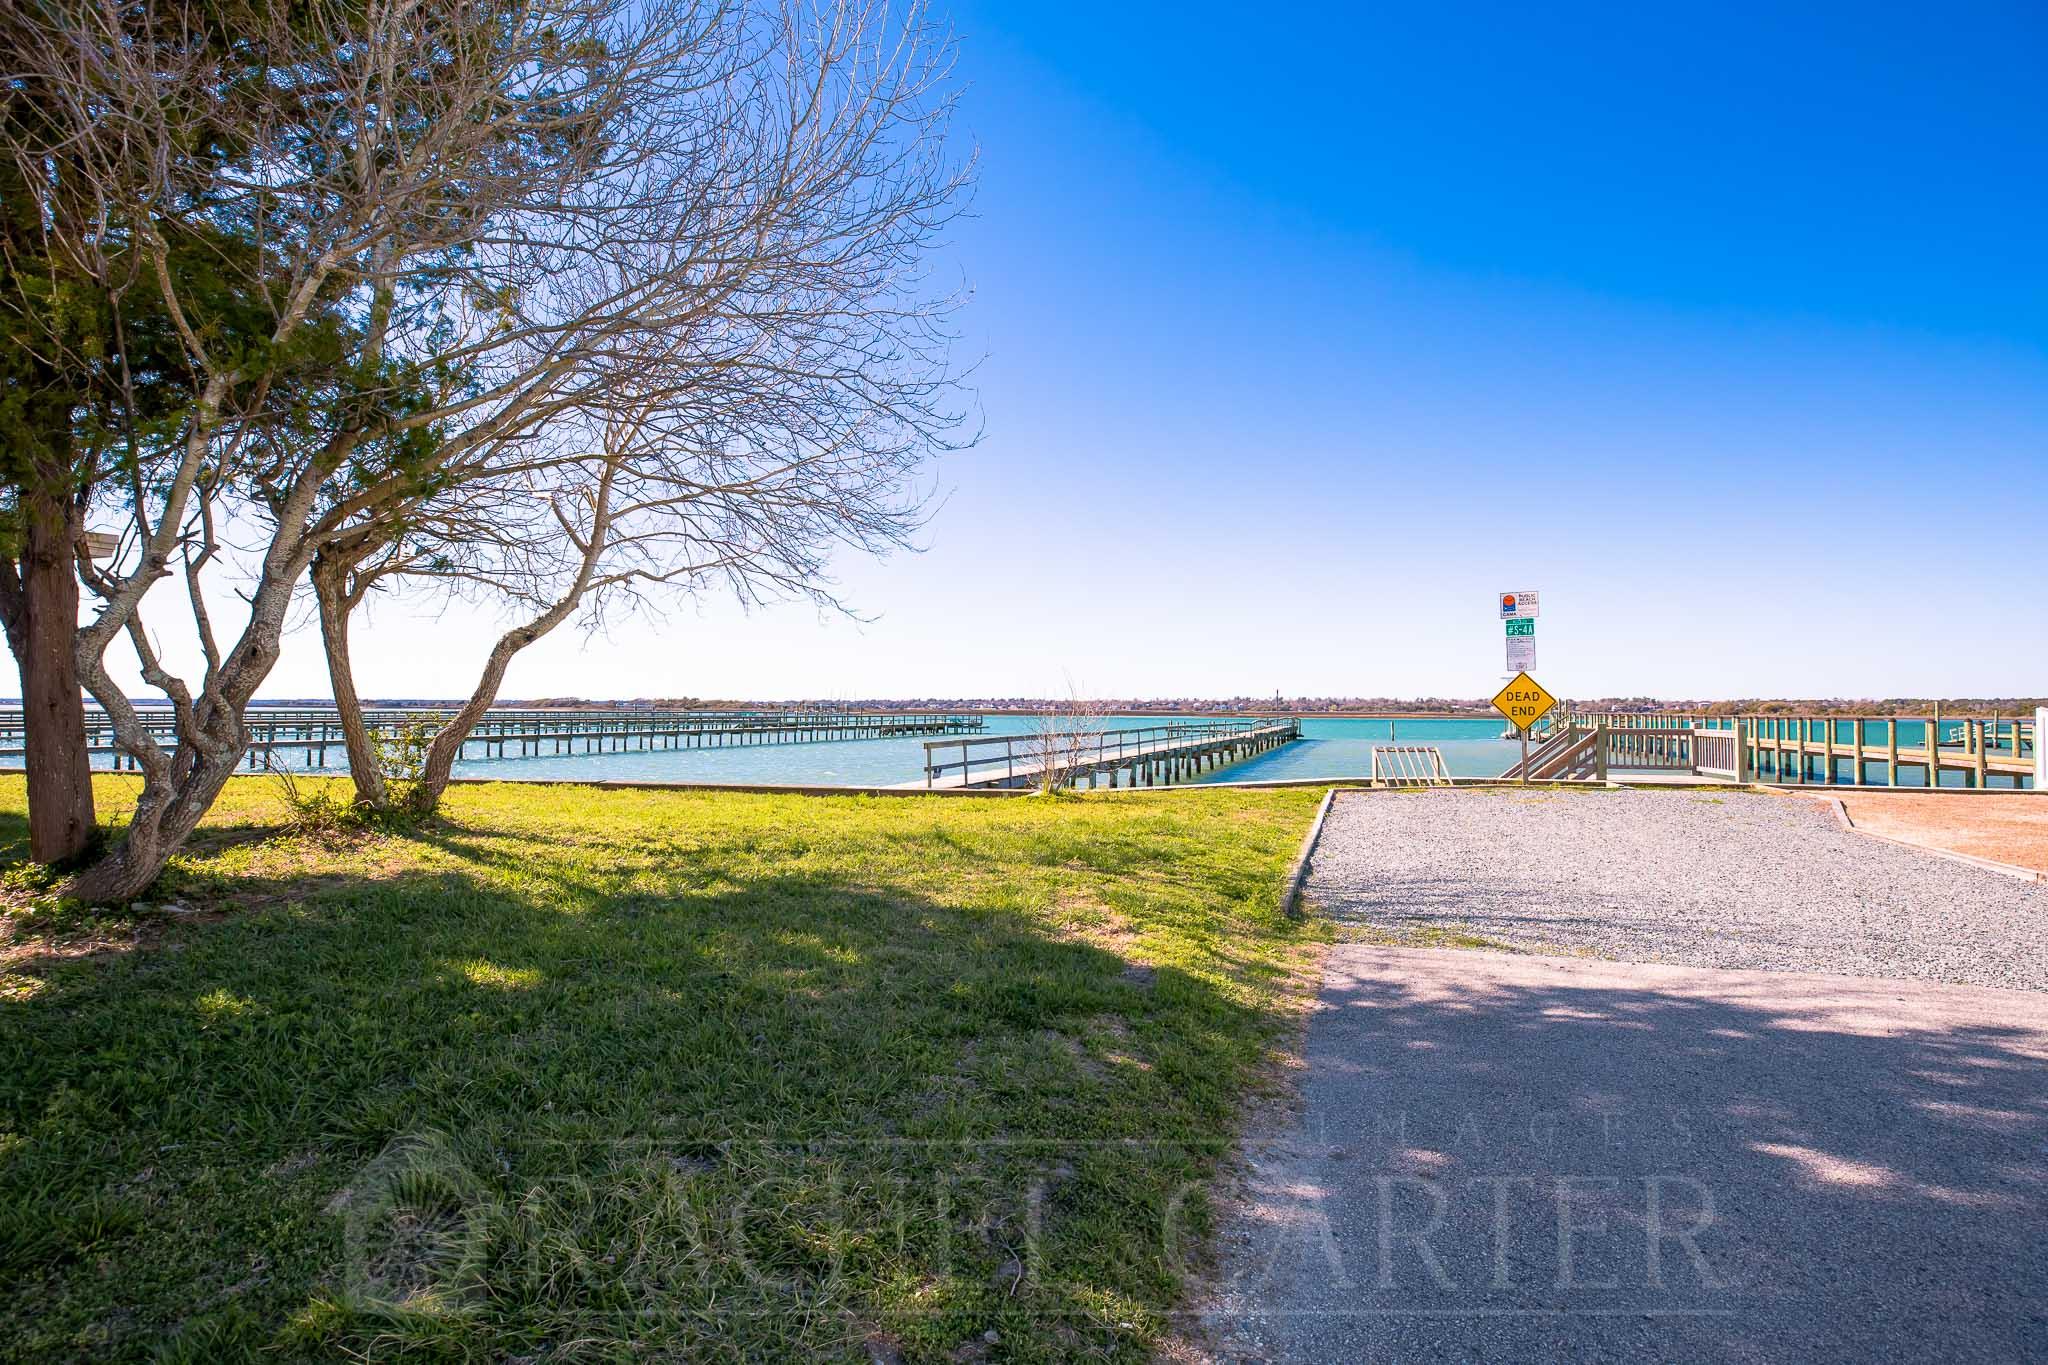 Public Sound Access South Topsail Beach Nc